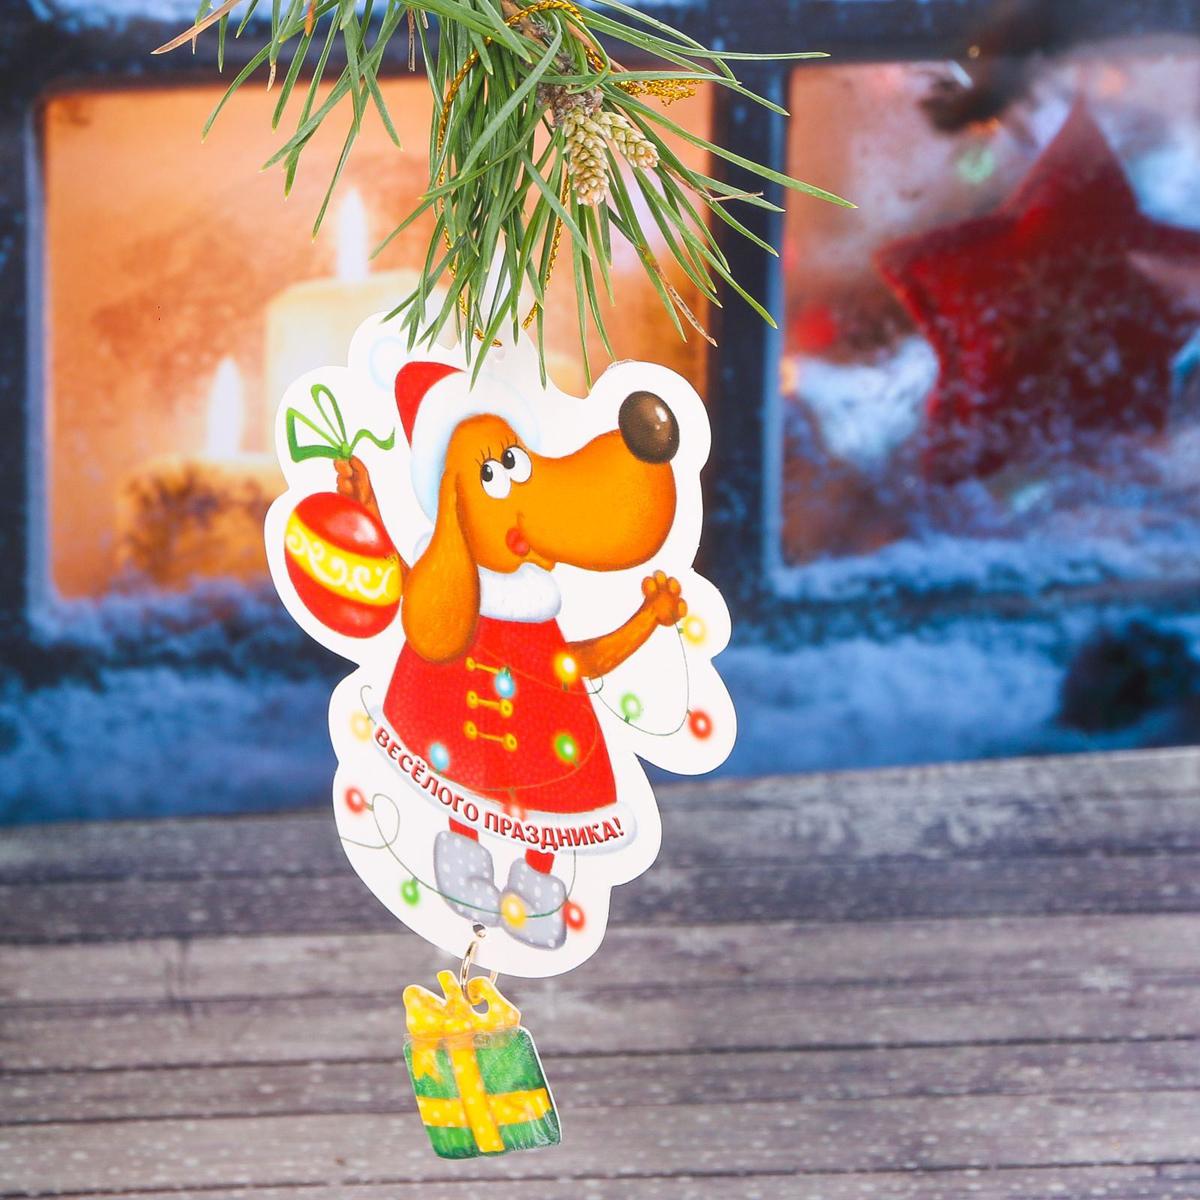 Набор новогодних подвесных украшений Sima-land Веселого праздника, 8,1 х 9,2 см, 2 шт2268147Набор новогодних подвесных украшений Sima-land отлично подойдет для декорации вашего дома и новогодней ели. С помощью специальной петельки украшение можно повесить в любом понравившемся вам месте. Но, конечно, удачнее всего оно будет смотреться на праздничной елке. Елочная игрушка - символ Нового года. Она несет в себе волшебство и красоту праздника. Создайте в своем доме атмосферу веселья и радости, украшая новогоднюю елку нарядными игрушками, которые будут из года в год накапливать теплоту воспоминаний.